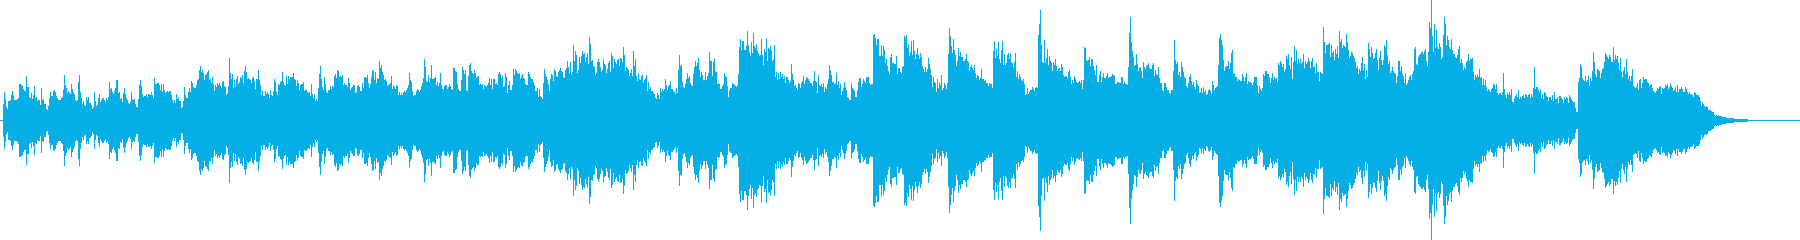 オーボエとピアノの哀しげなジングルの再生済みの波形